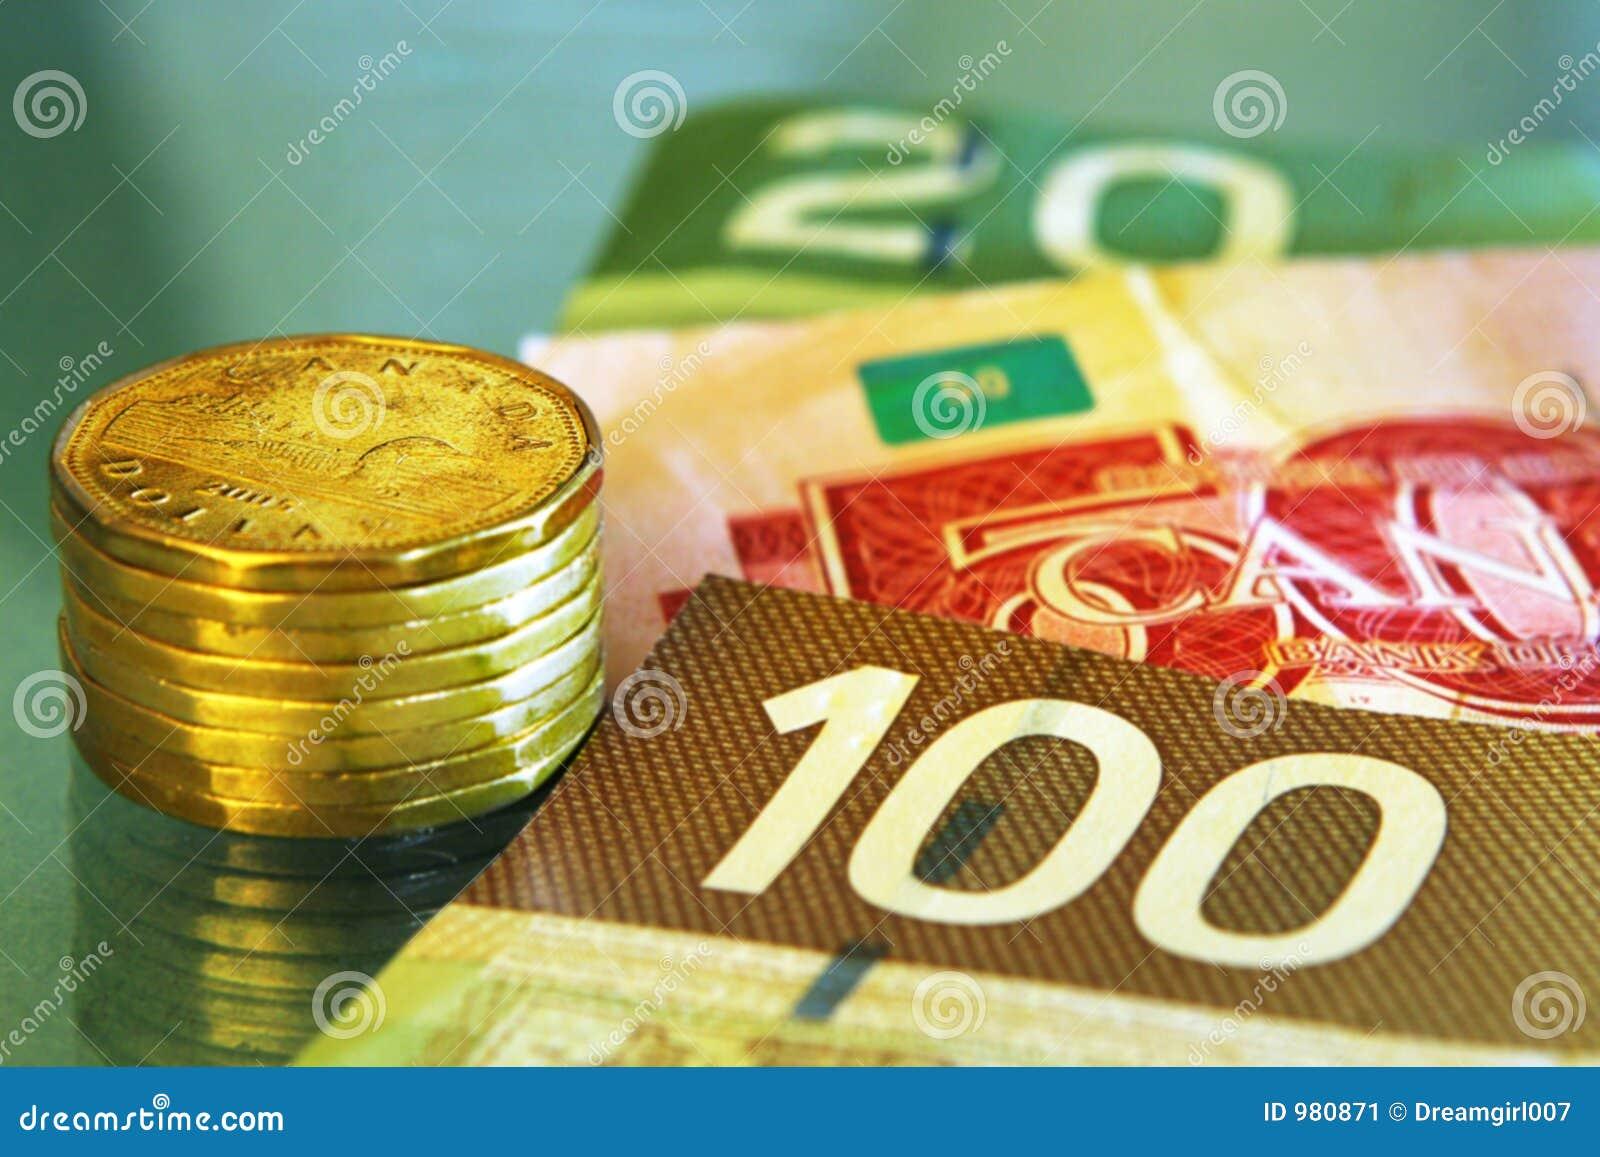 Opsies handel rekening Canada